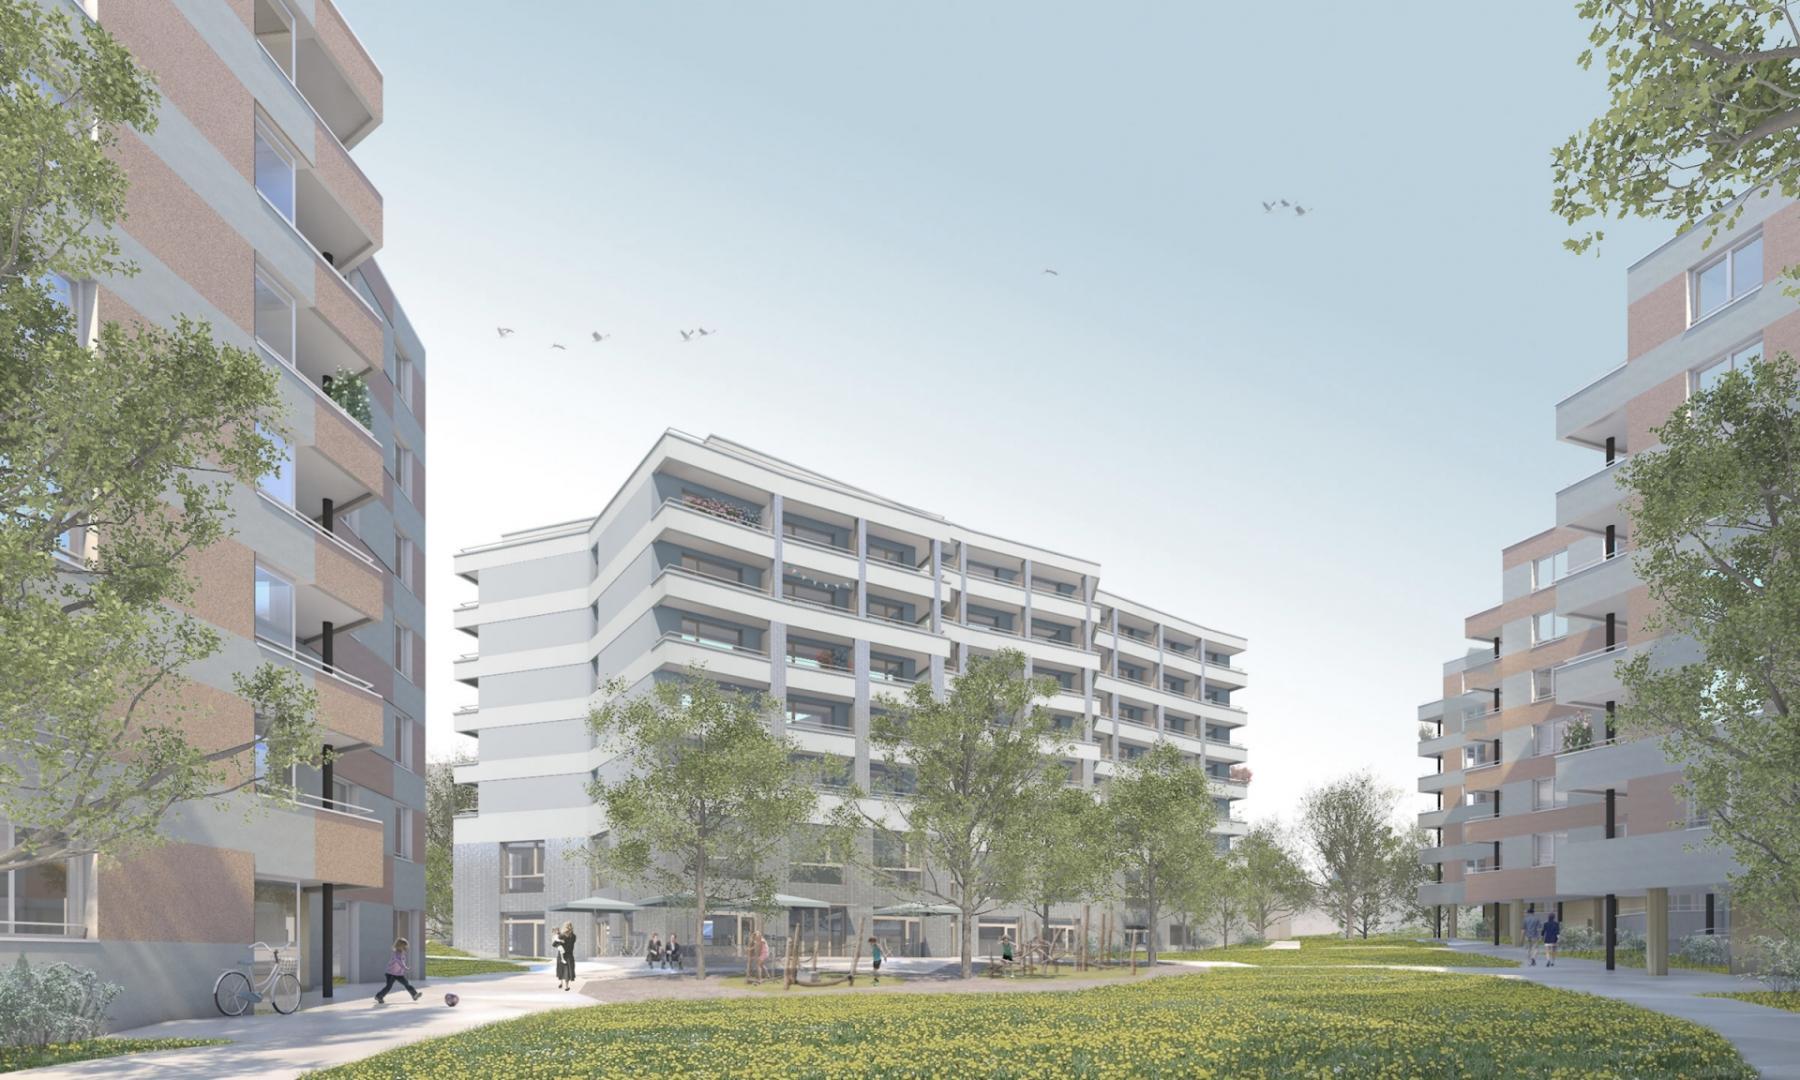 Neubau Alterszentrum und Wohnsiedlung Eichrain, Zürich-Seebach, Vukoja Goldinger Architekten, Le temps des cerises